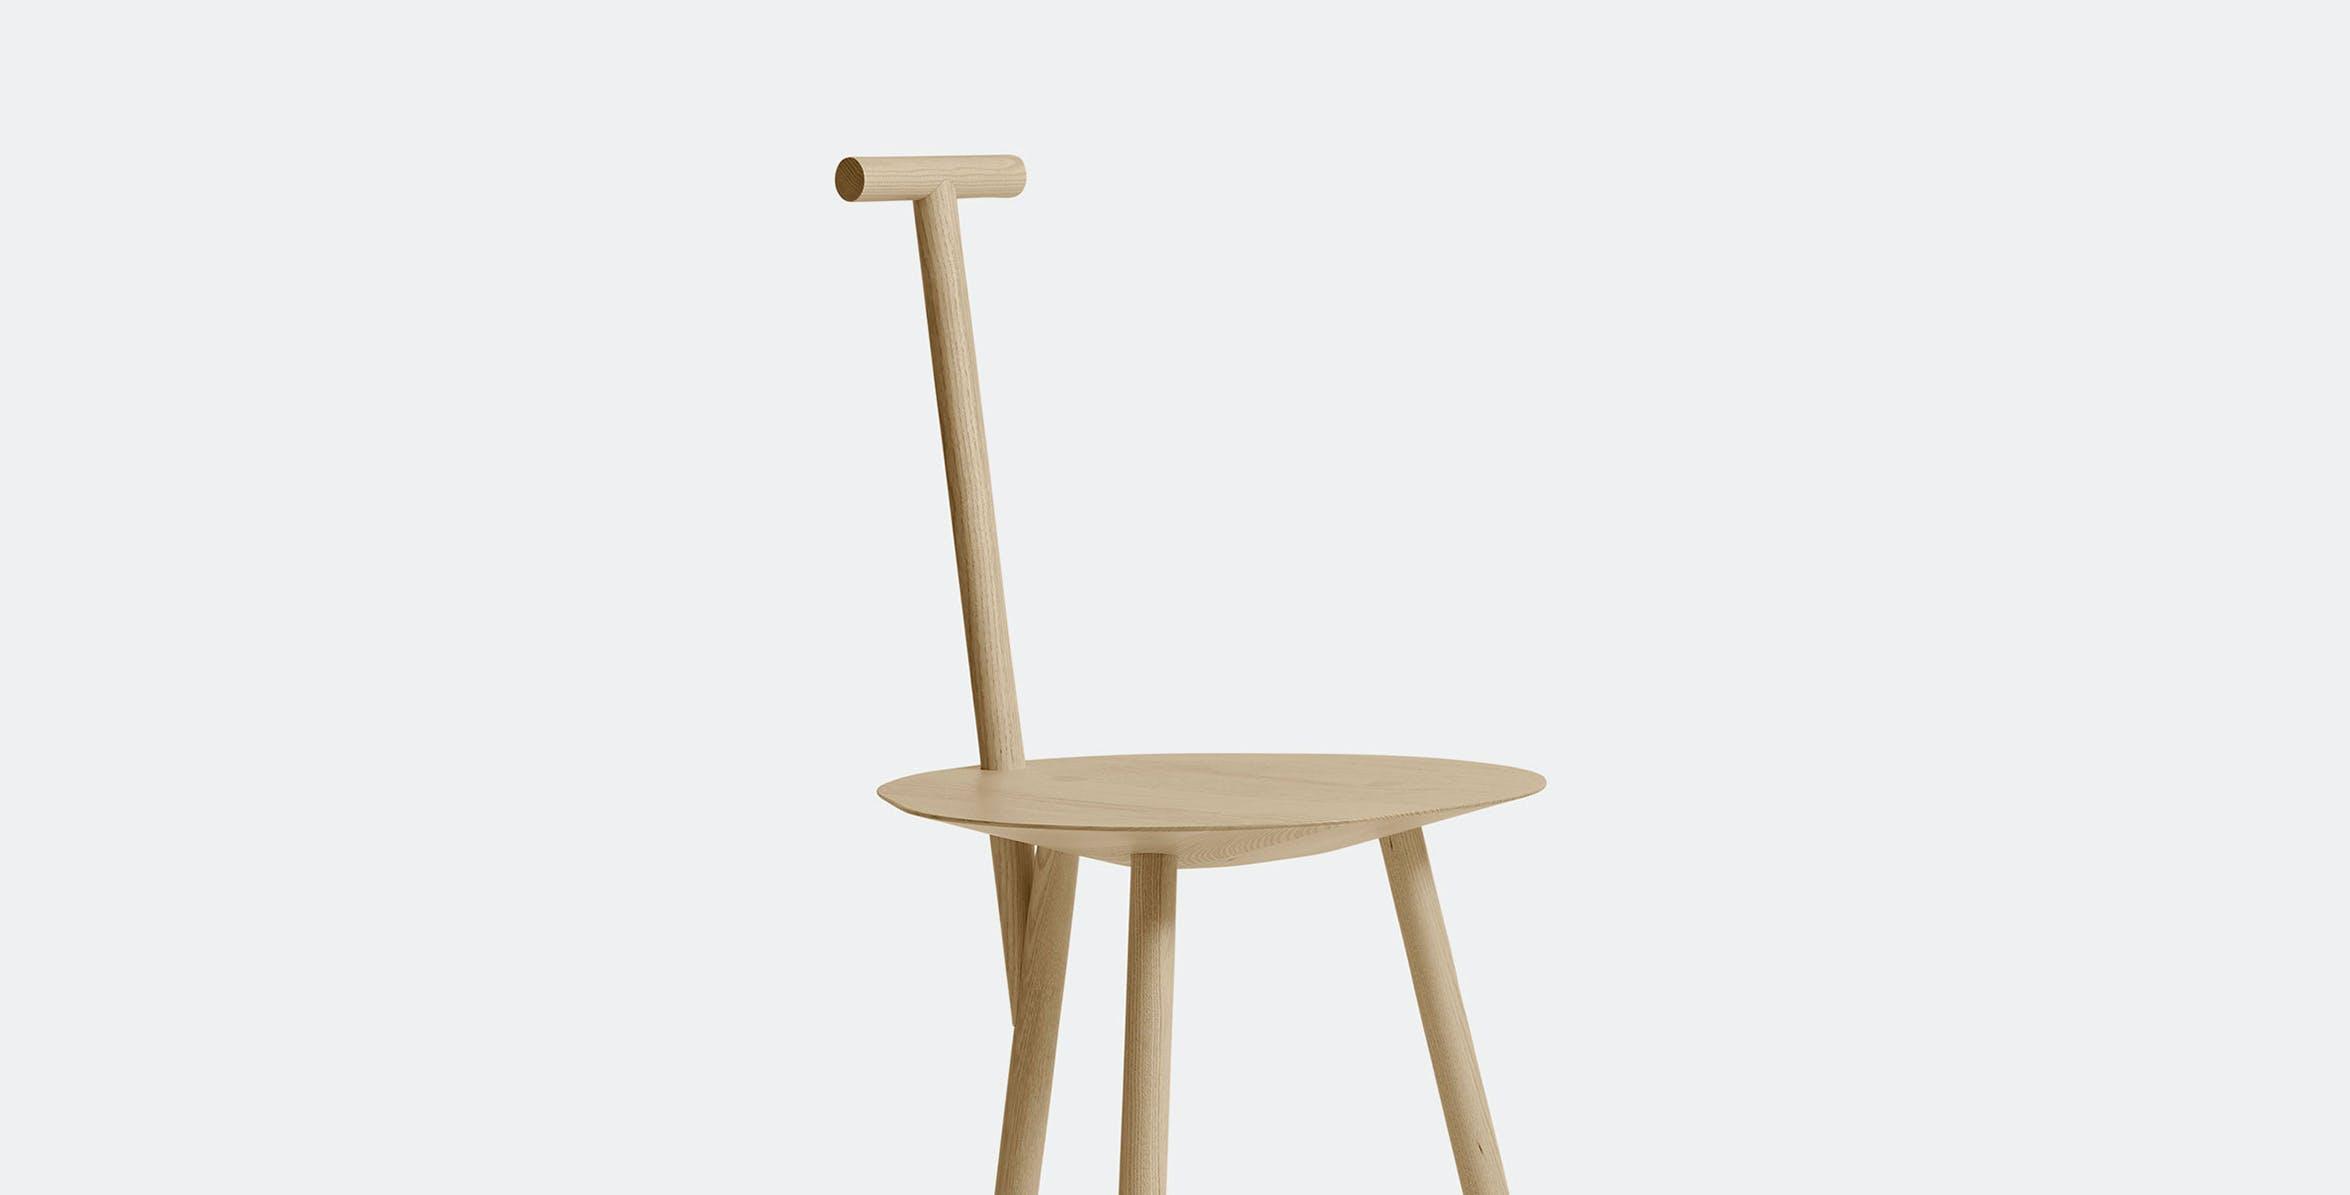 Faye toogood furniture designer